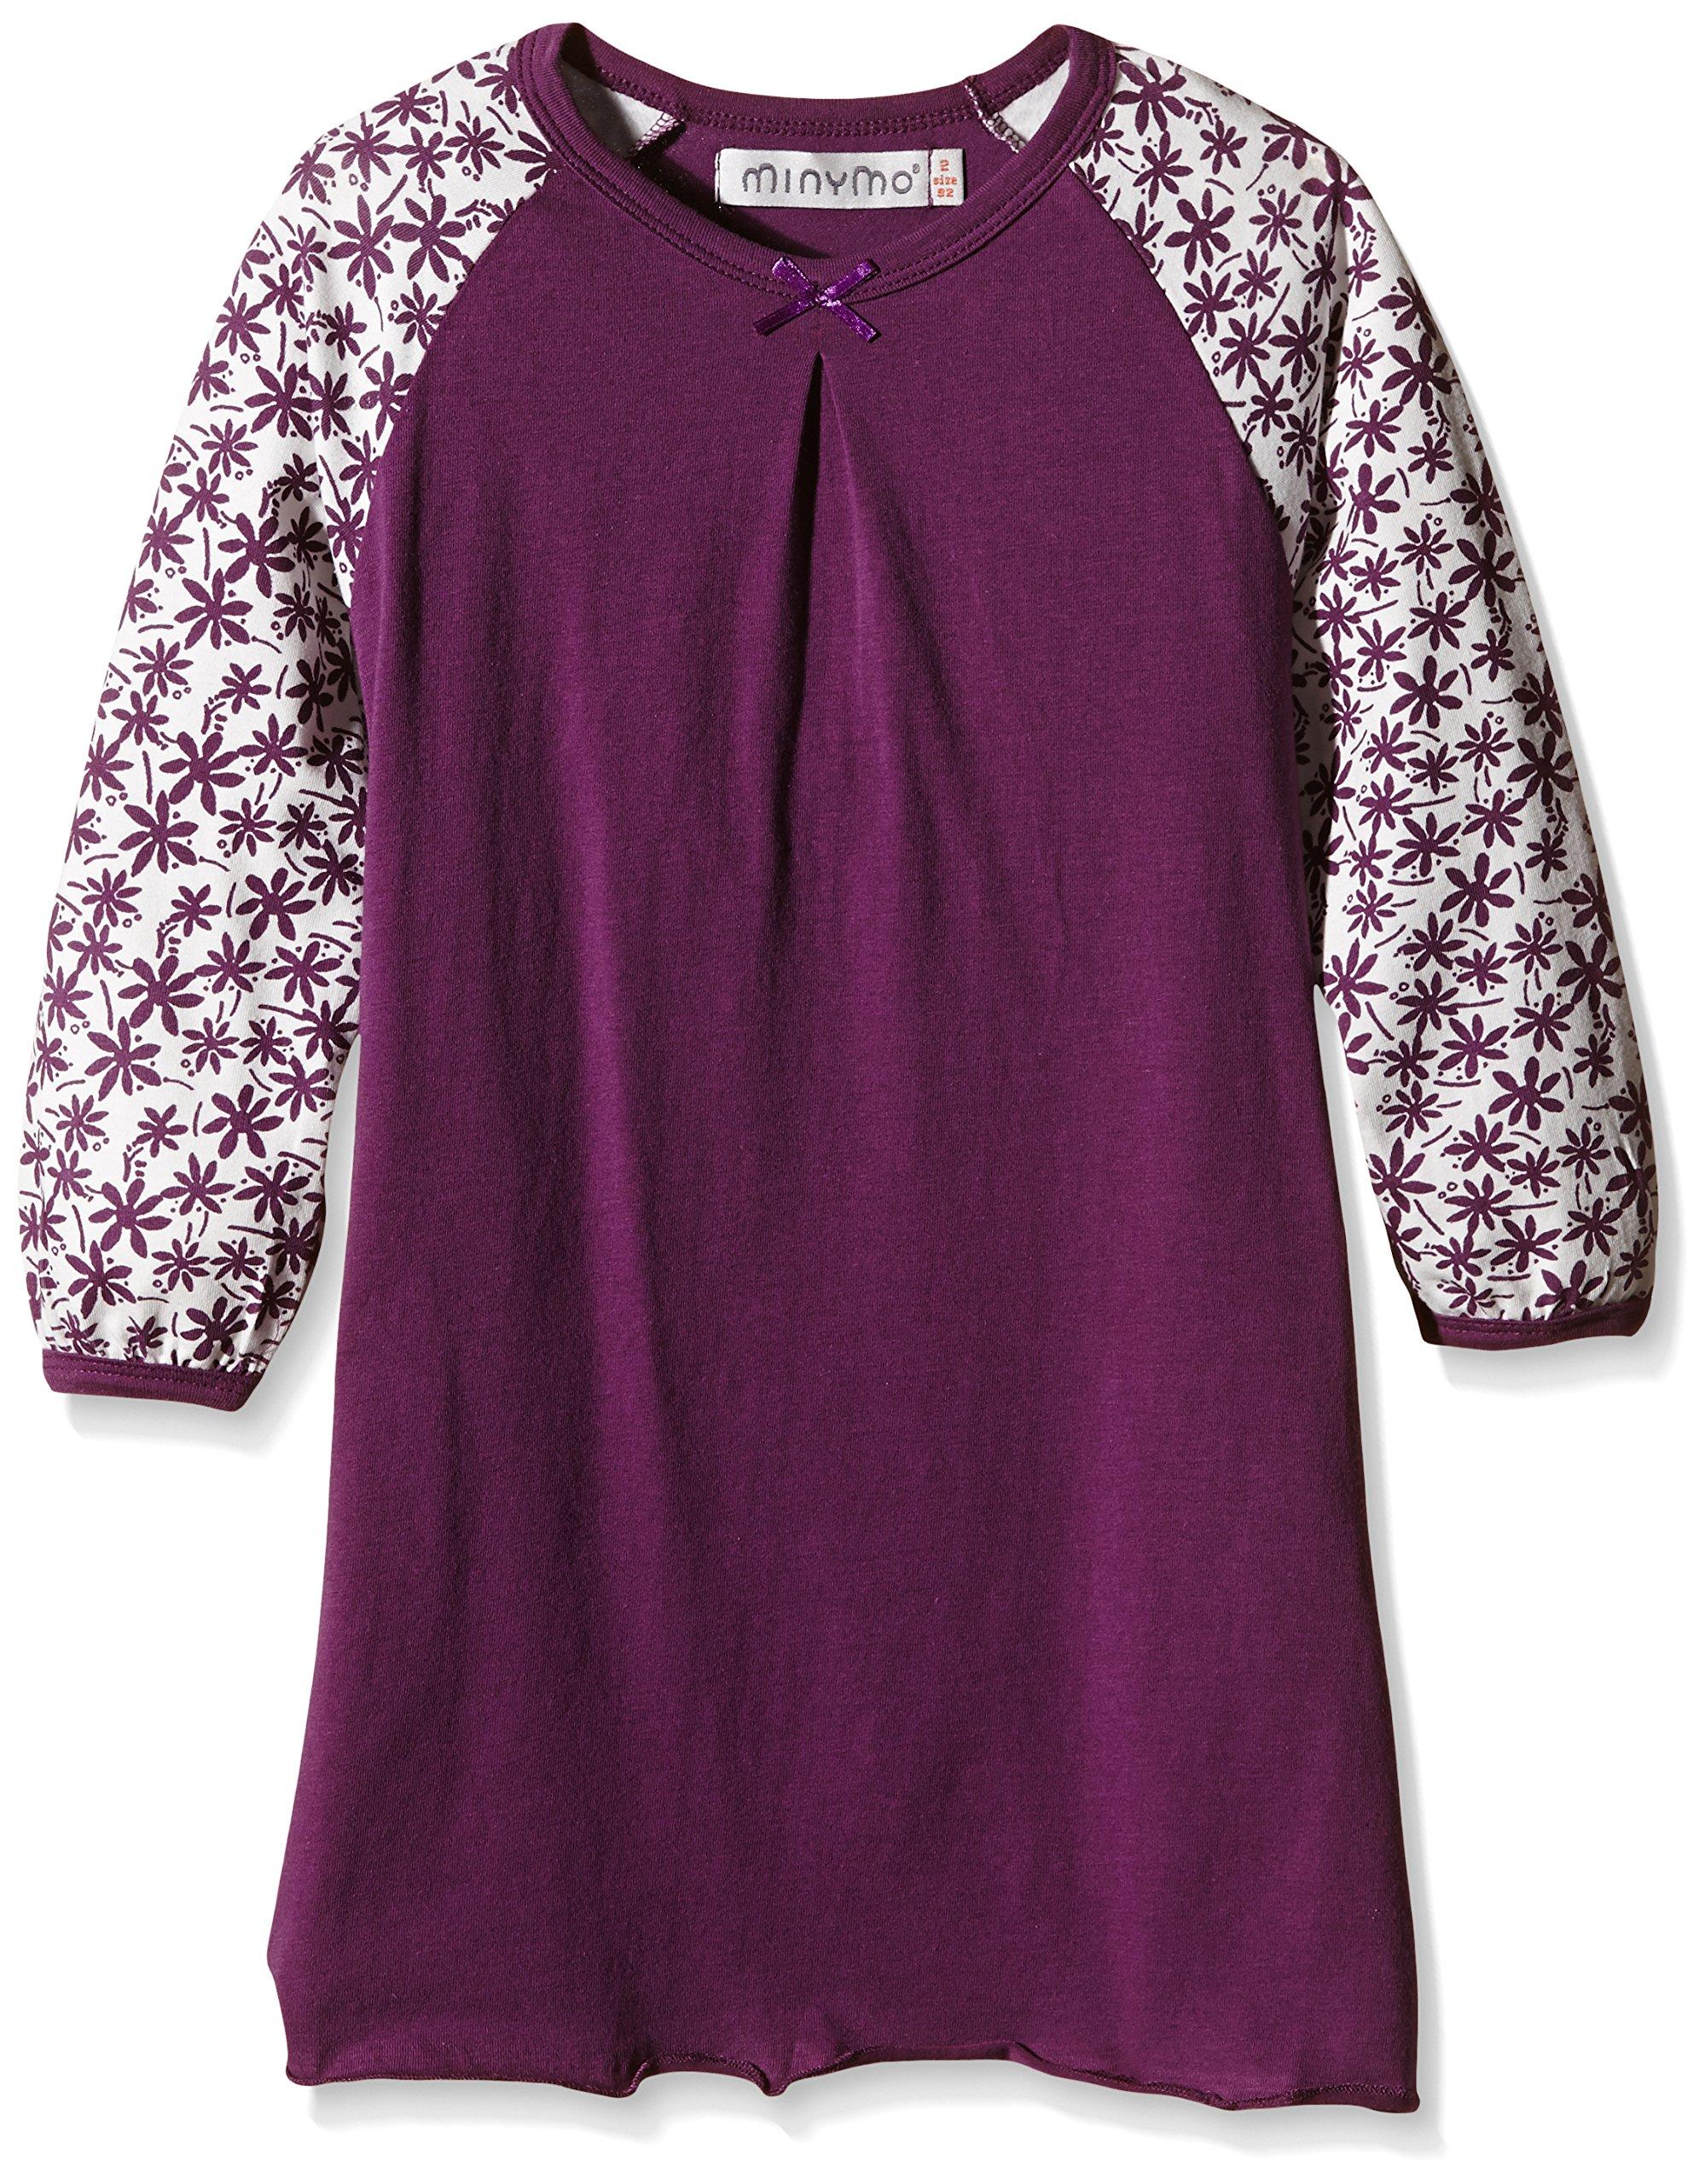 Minymo Chen 67-Nightdress Ls, Pigiama Bambina, Purple Passion, 24 Mesi